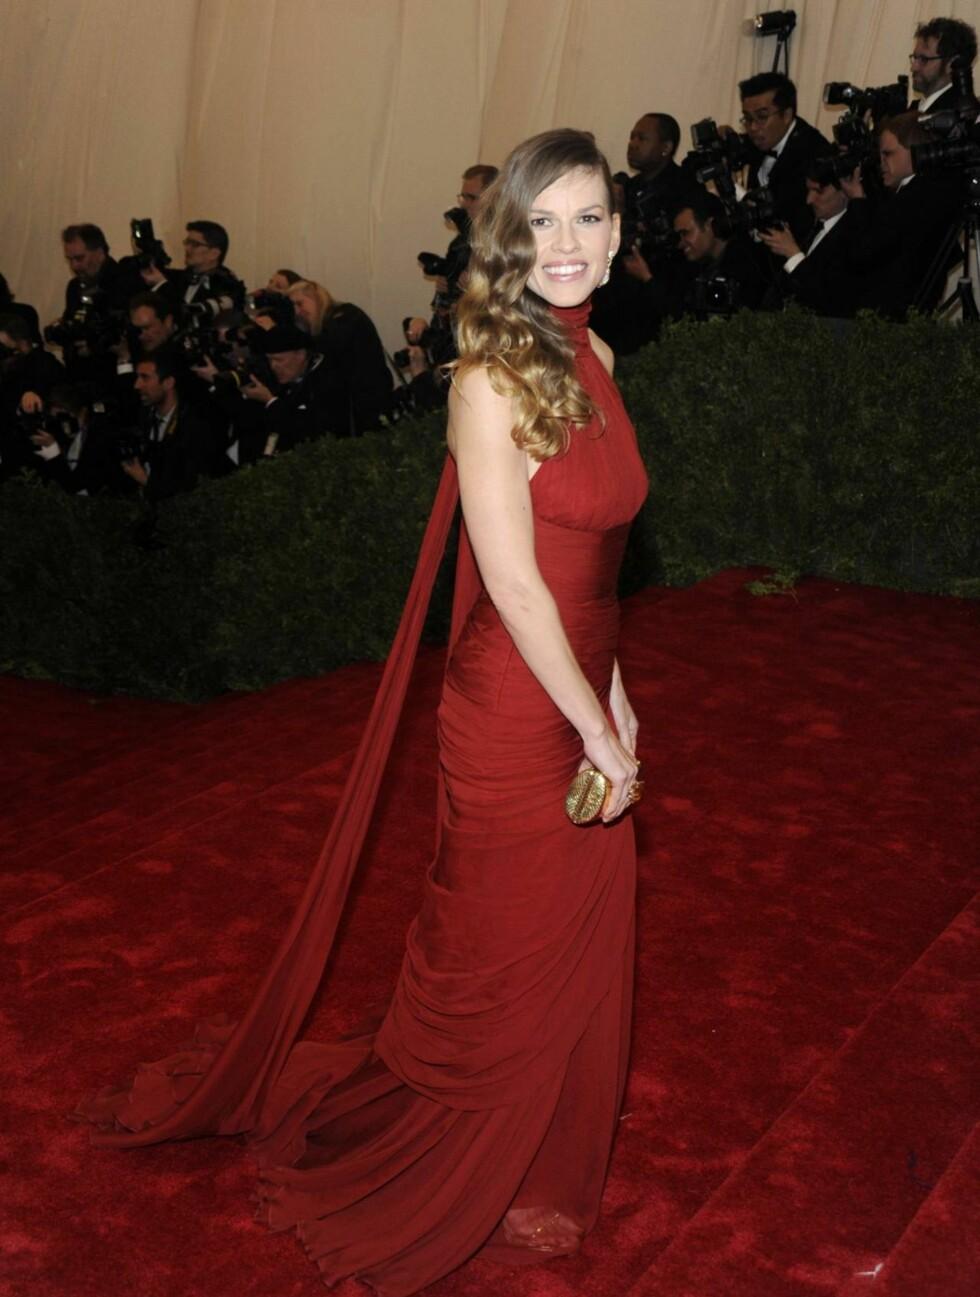 FLOTT: Hilary Swank var rålekker i en blodrød kjole fra Michael Kors.  Foto: All Over Press